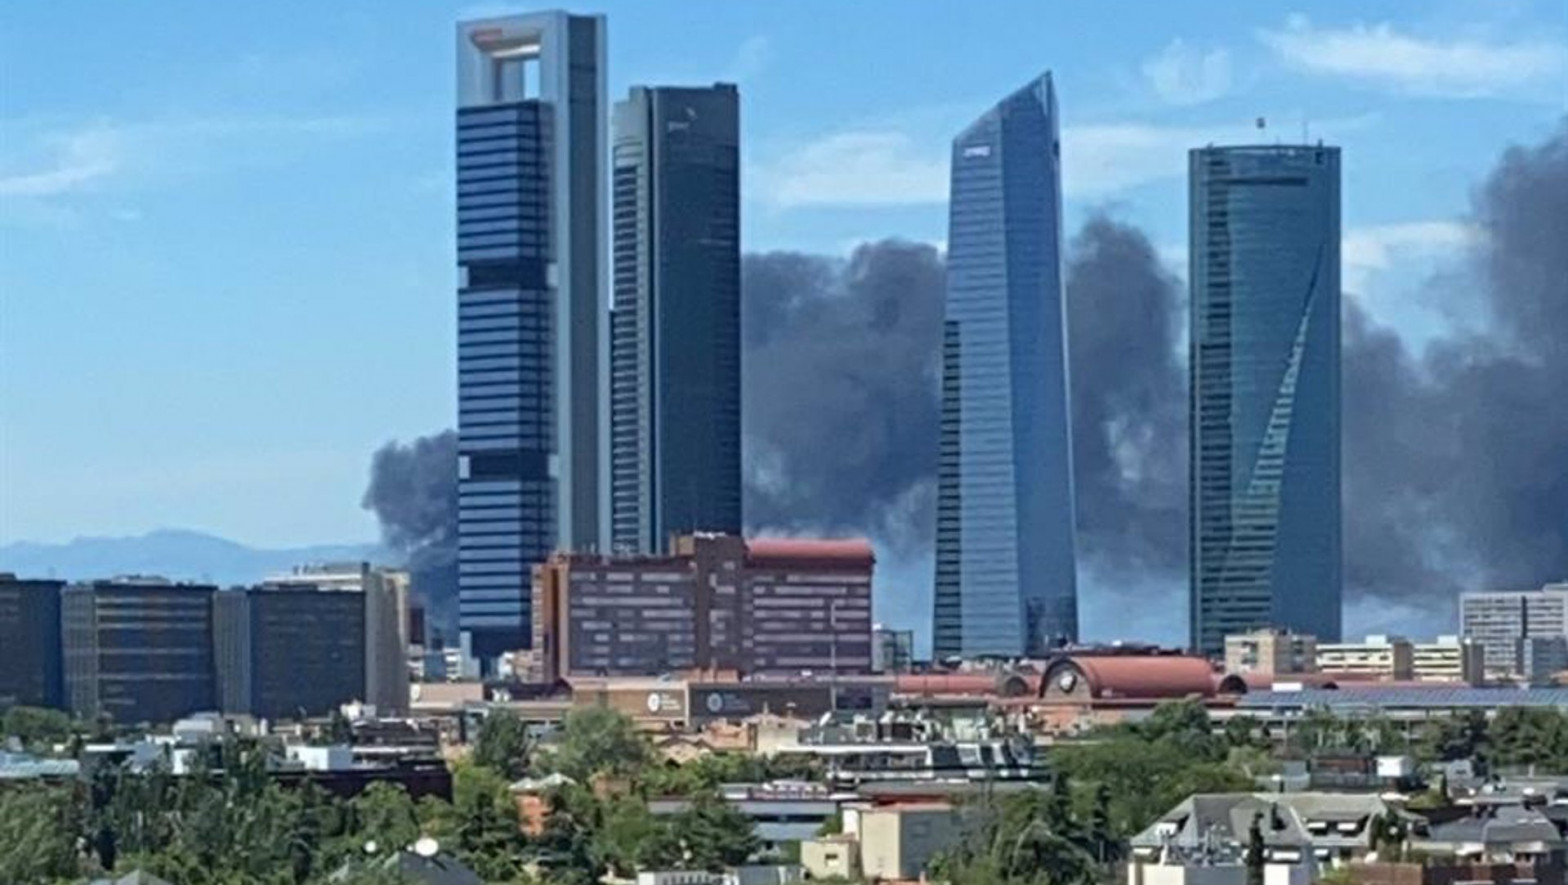 Un incendio en un edificio en Mirasierra (Madrid) provoca una gran columna de humo negro